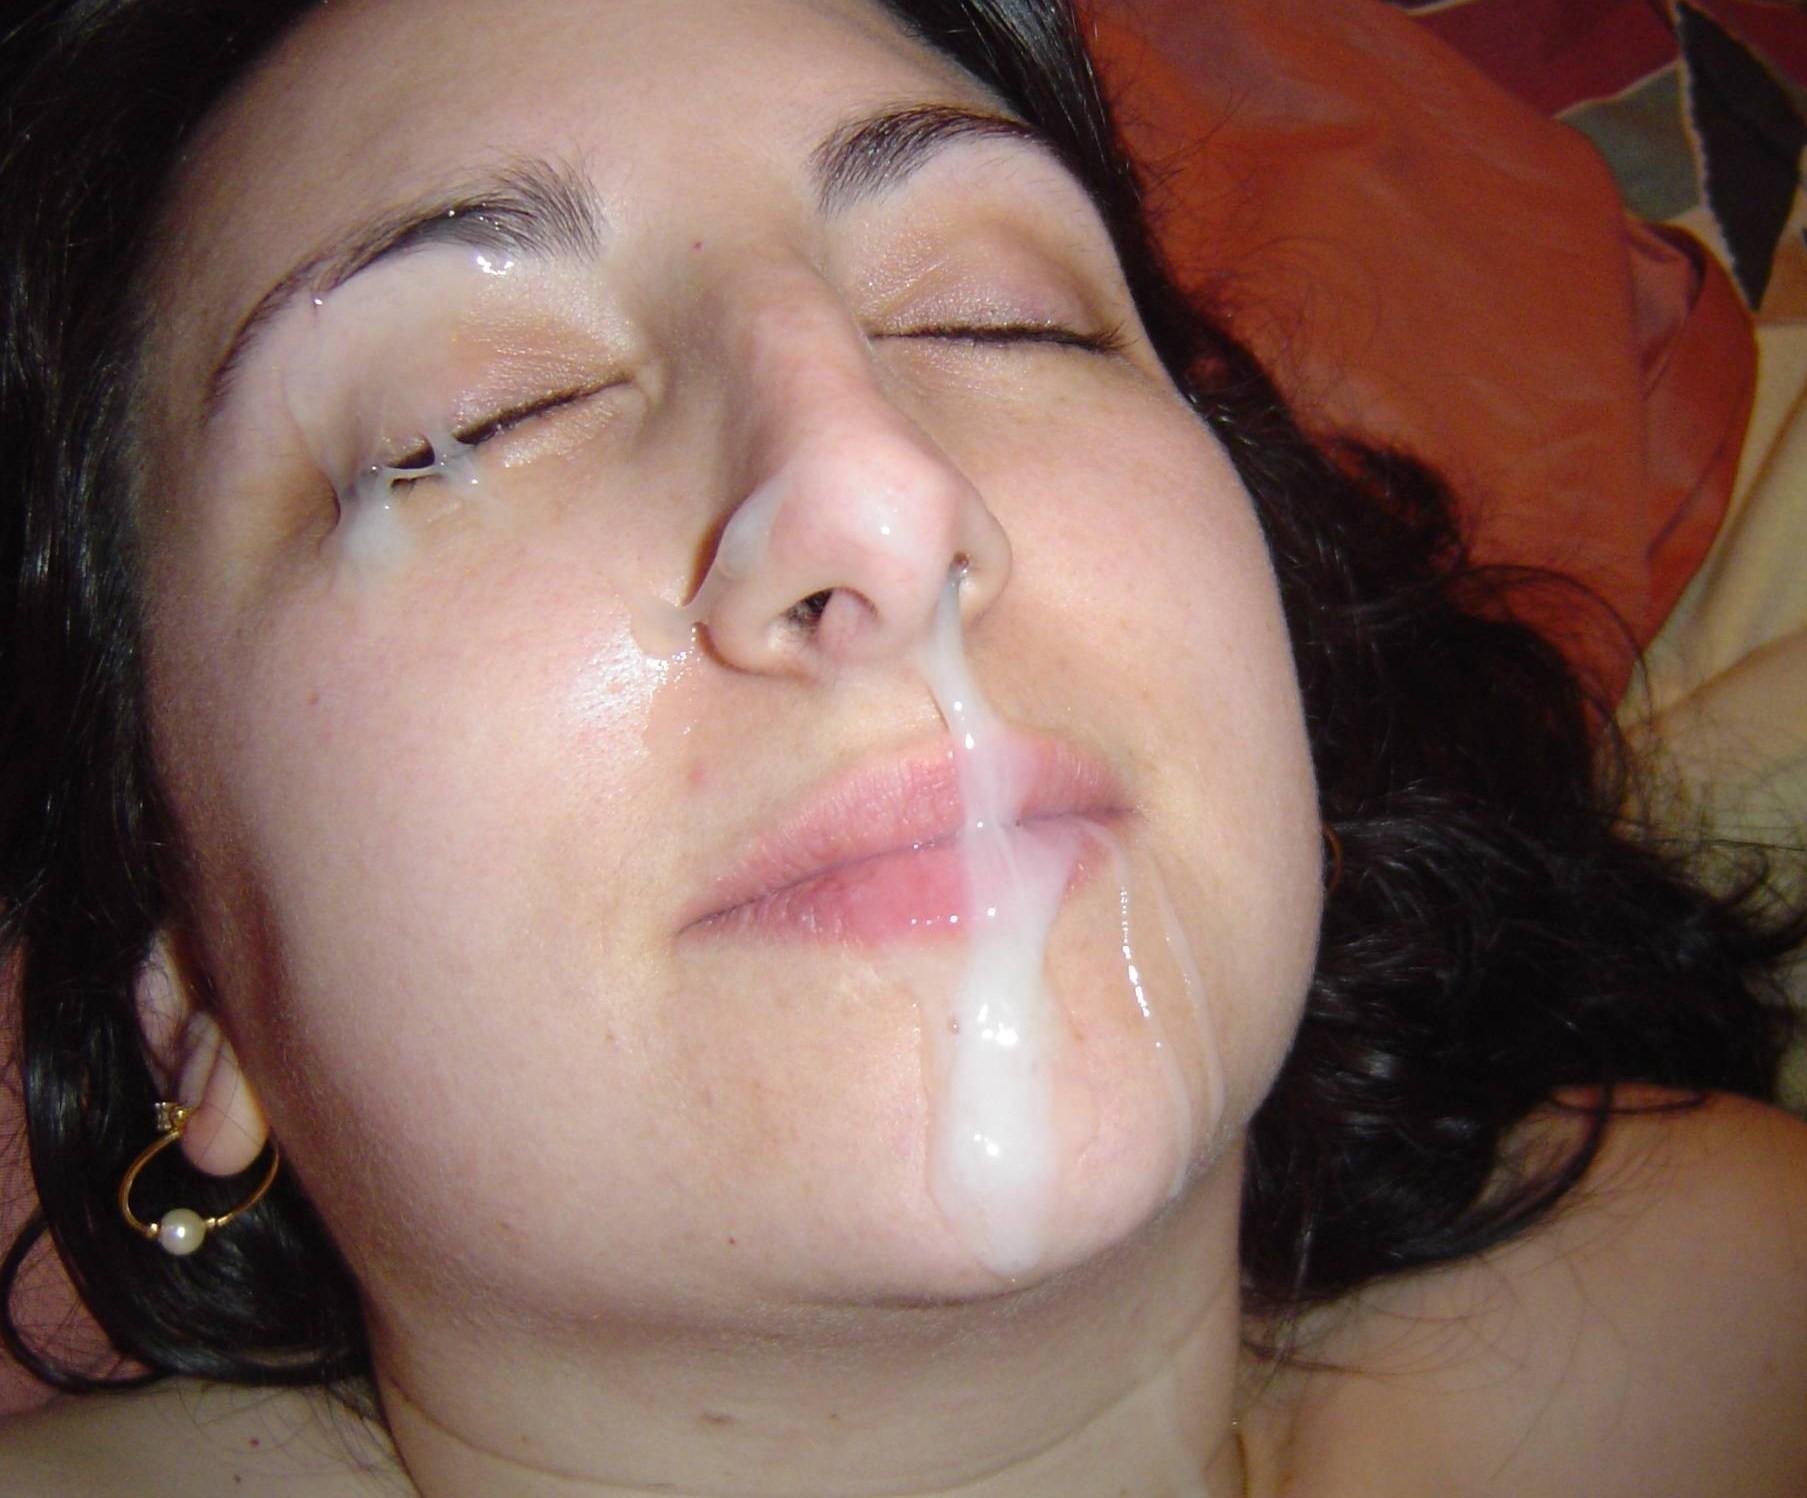 sperma-na-litso-smotret-besplatno